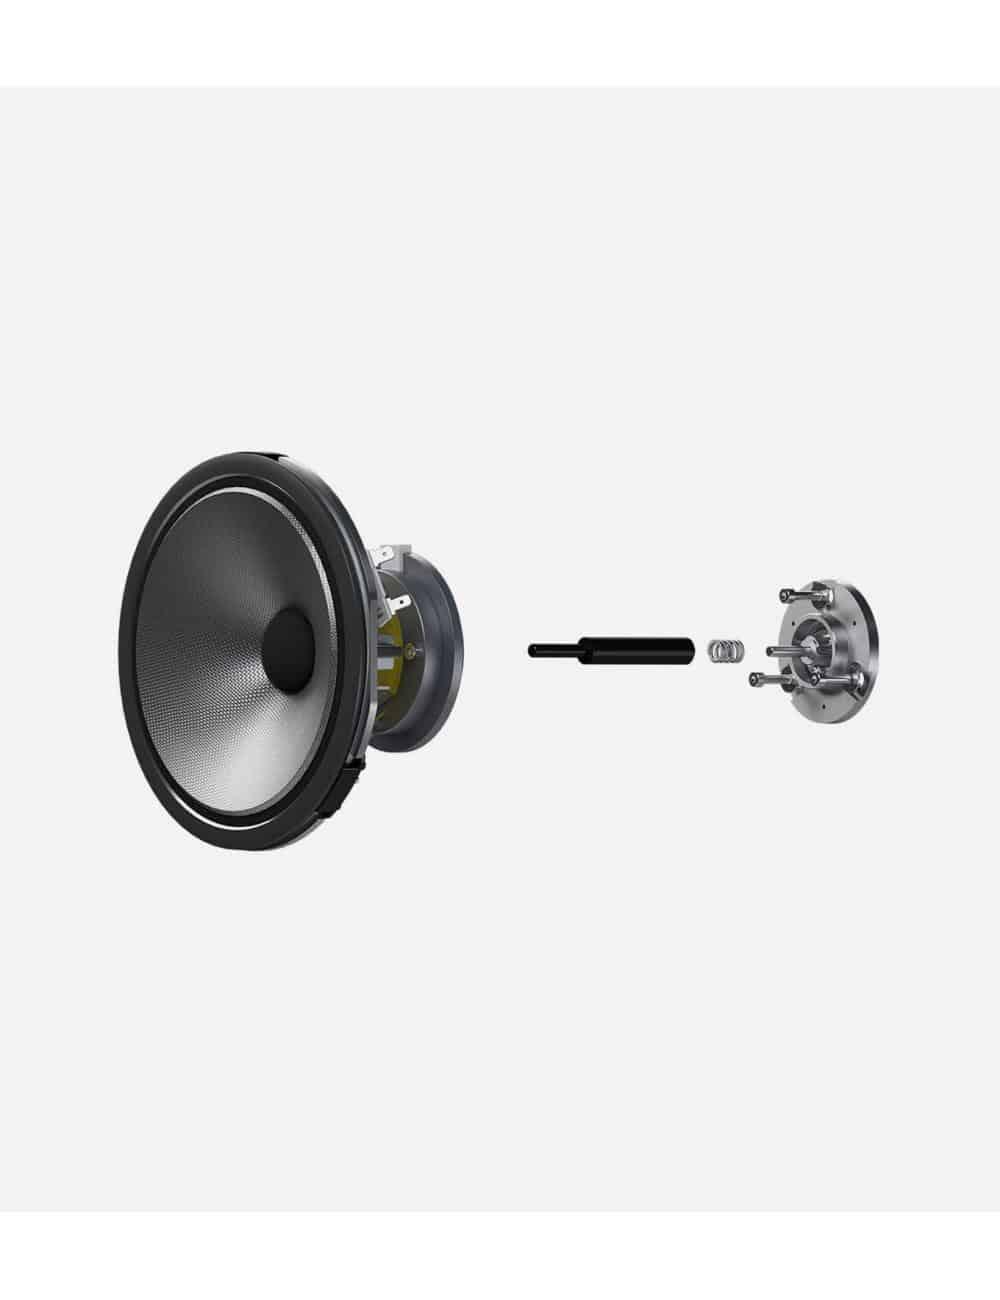 diffusori acustici da pavimento per hifi e home theater, Bowers & Wilkins 703, dettaglio driver